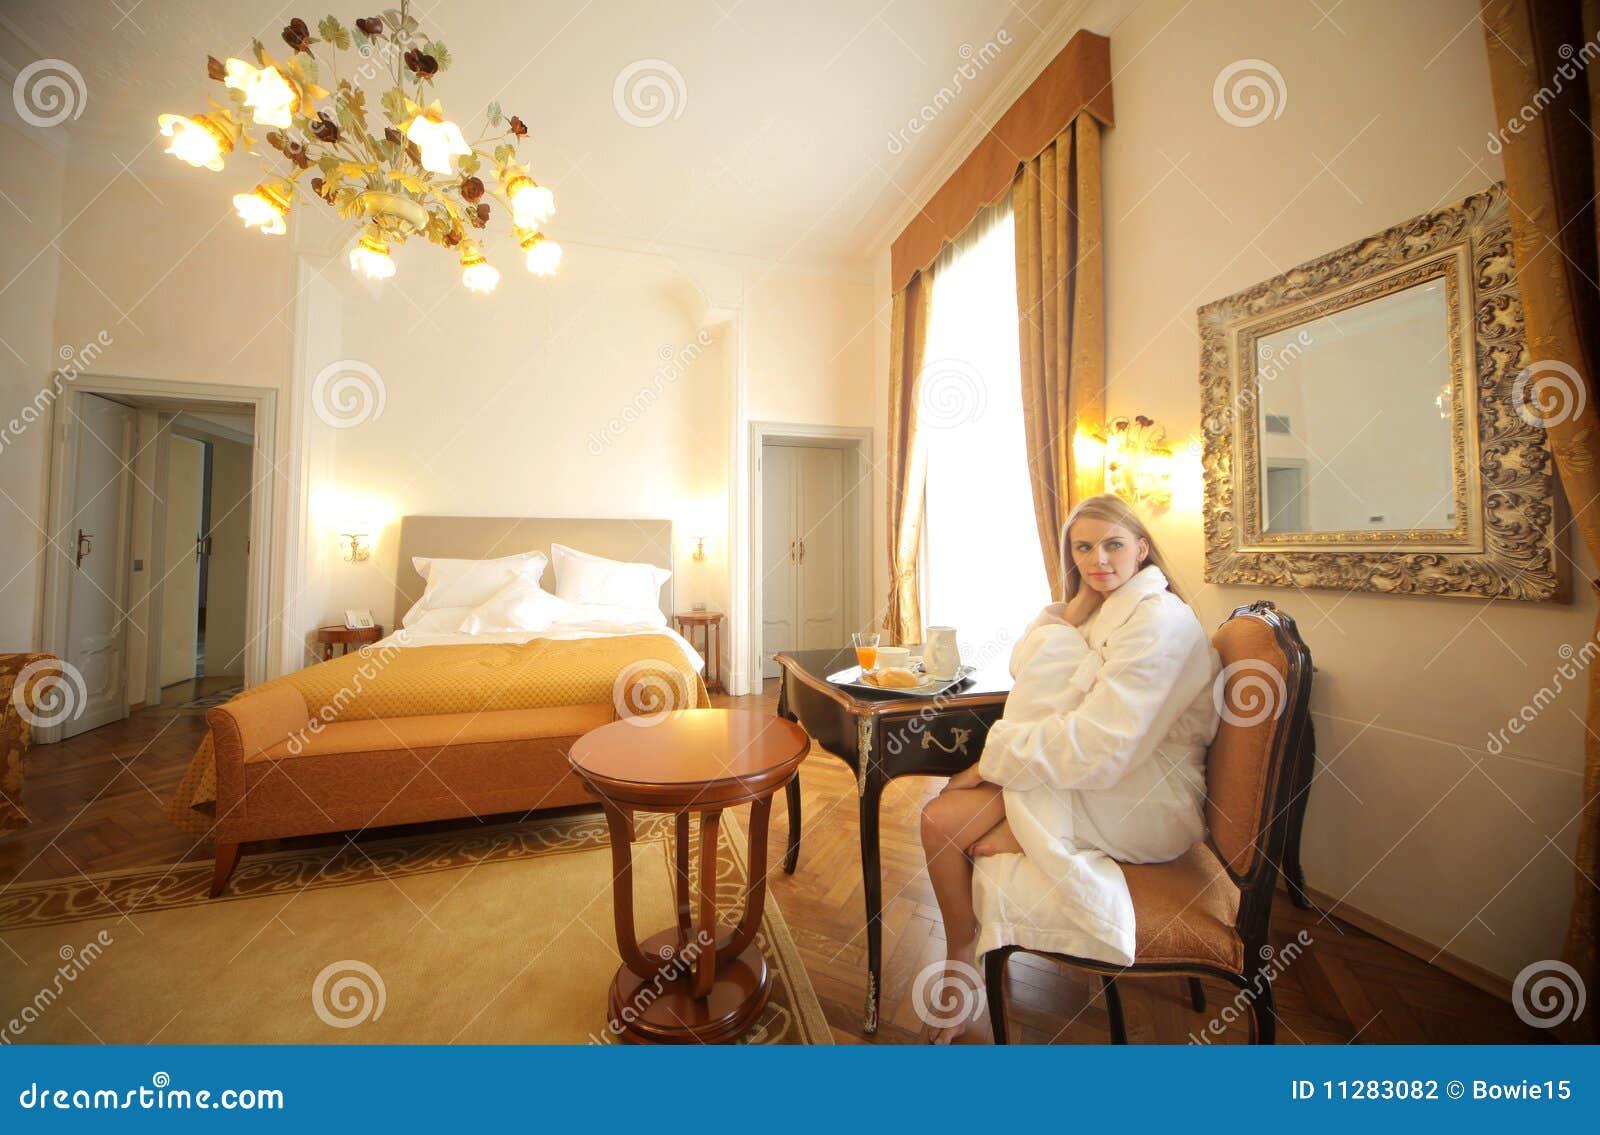 chambre coucher de luxe photo stock image du reste. Black Bedroom Furniture Sets. Home Design Ideas